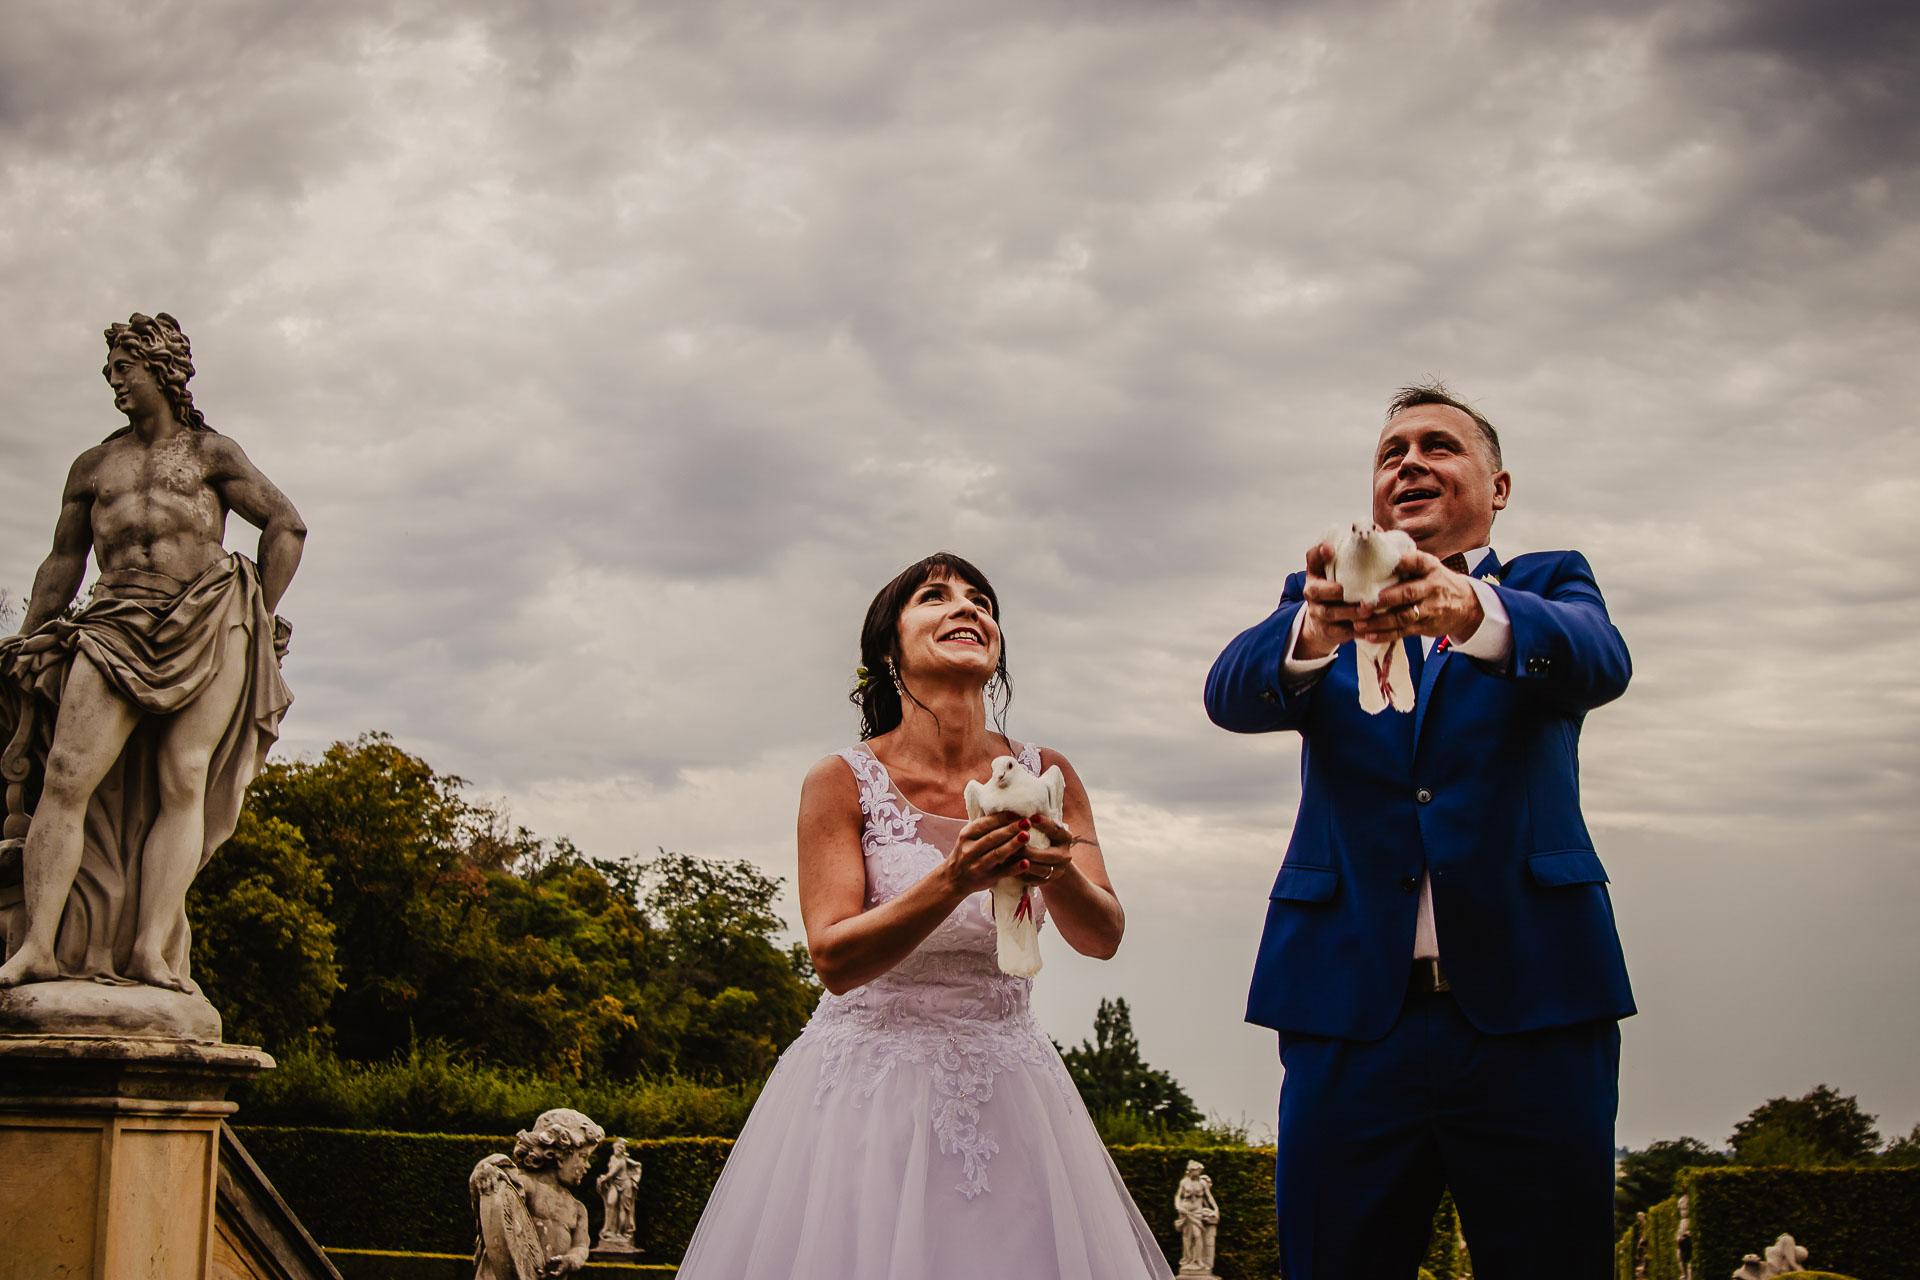 příprava-svatebního-obřadu-Lysá-nad-Labem-svatební-agentura-Svatbavenku-9680